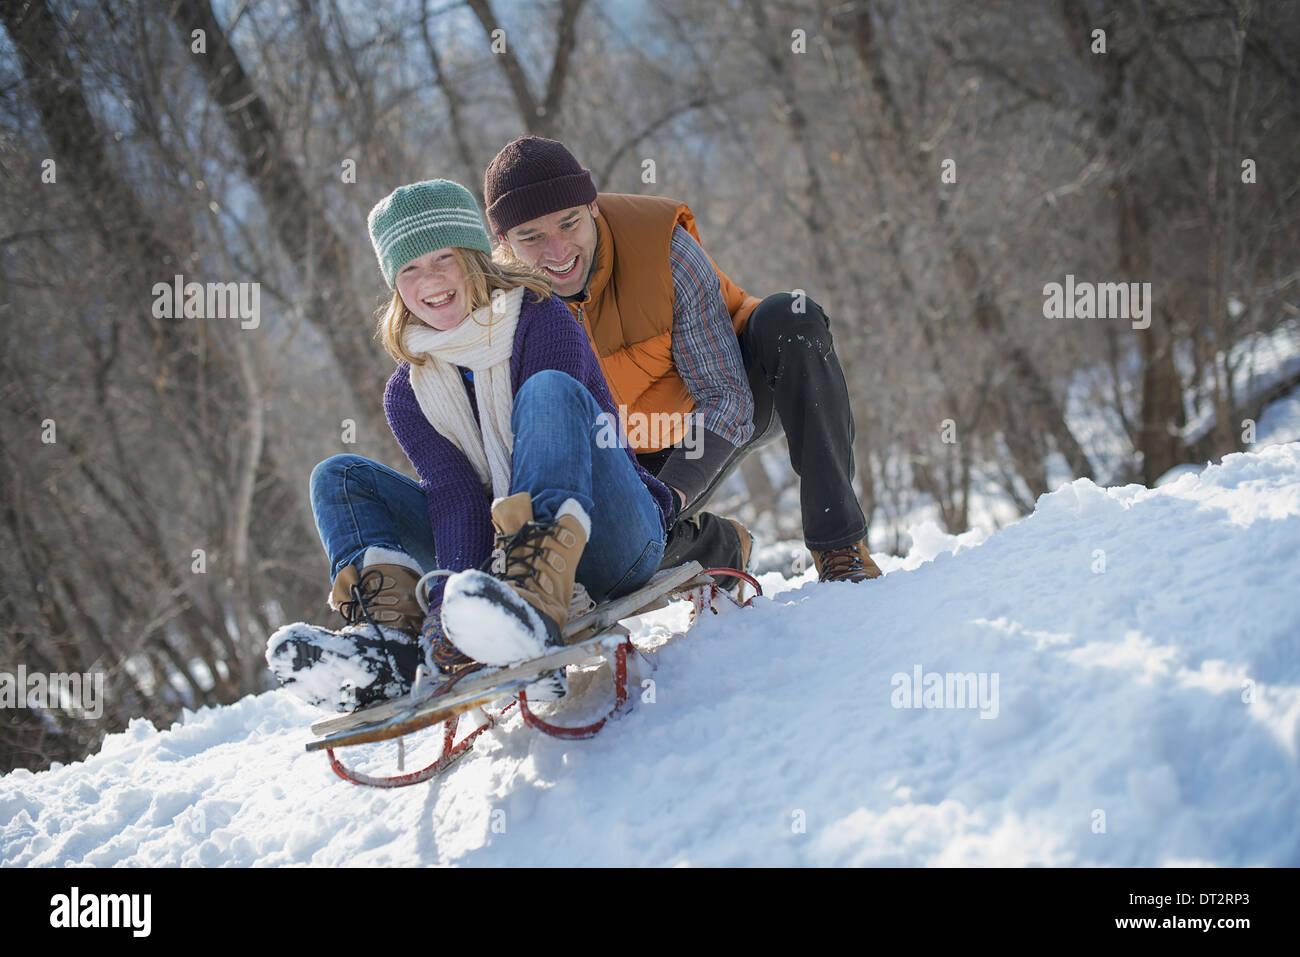 Paysage d'hiver avec neige au sol un homme poussant une jeune femme du haut d'une pente sur un toboggan Banque D'Images